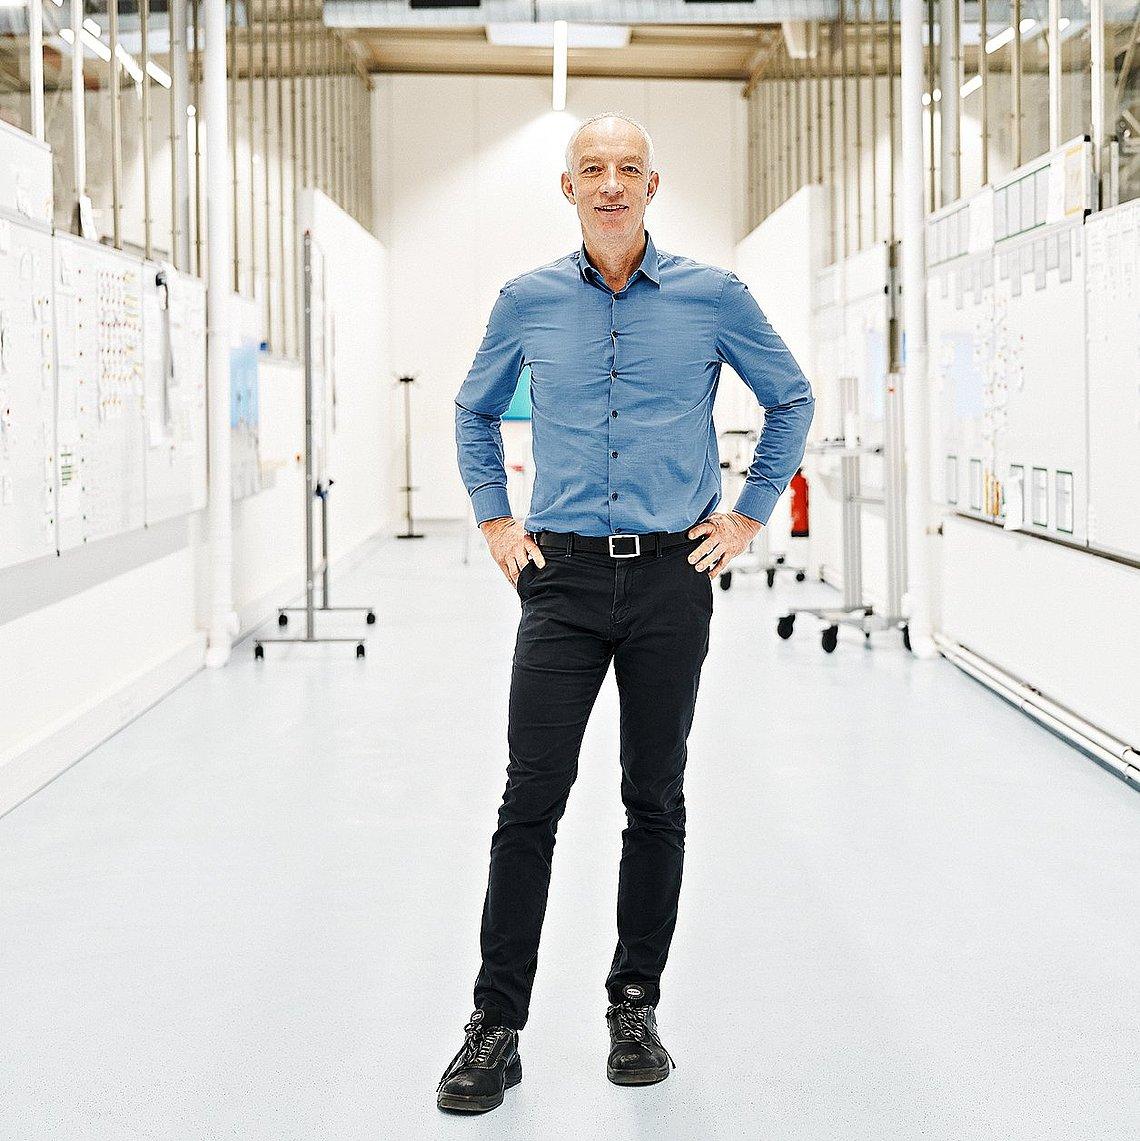 """Foo von Karsten Barsch, zuständig für den Auftragserfüllungsprozess, im """"Atlas""""-Raum von Hauni in Hamburg-Bergedorf"""